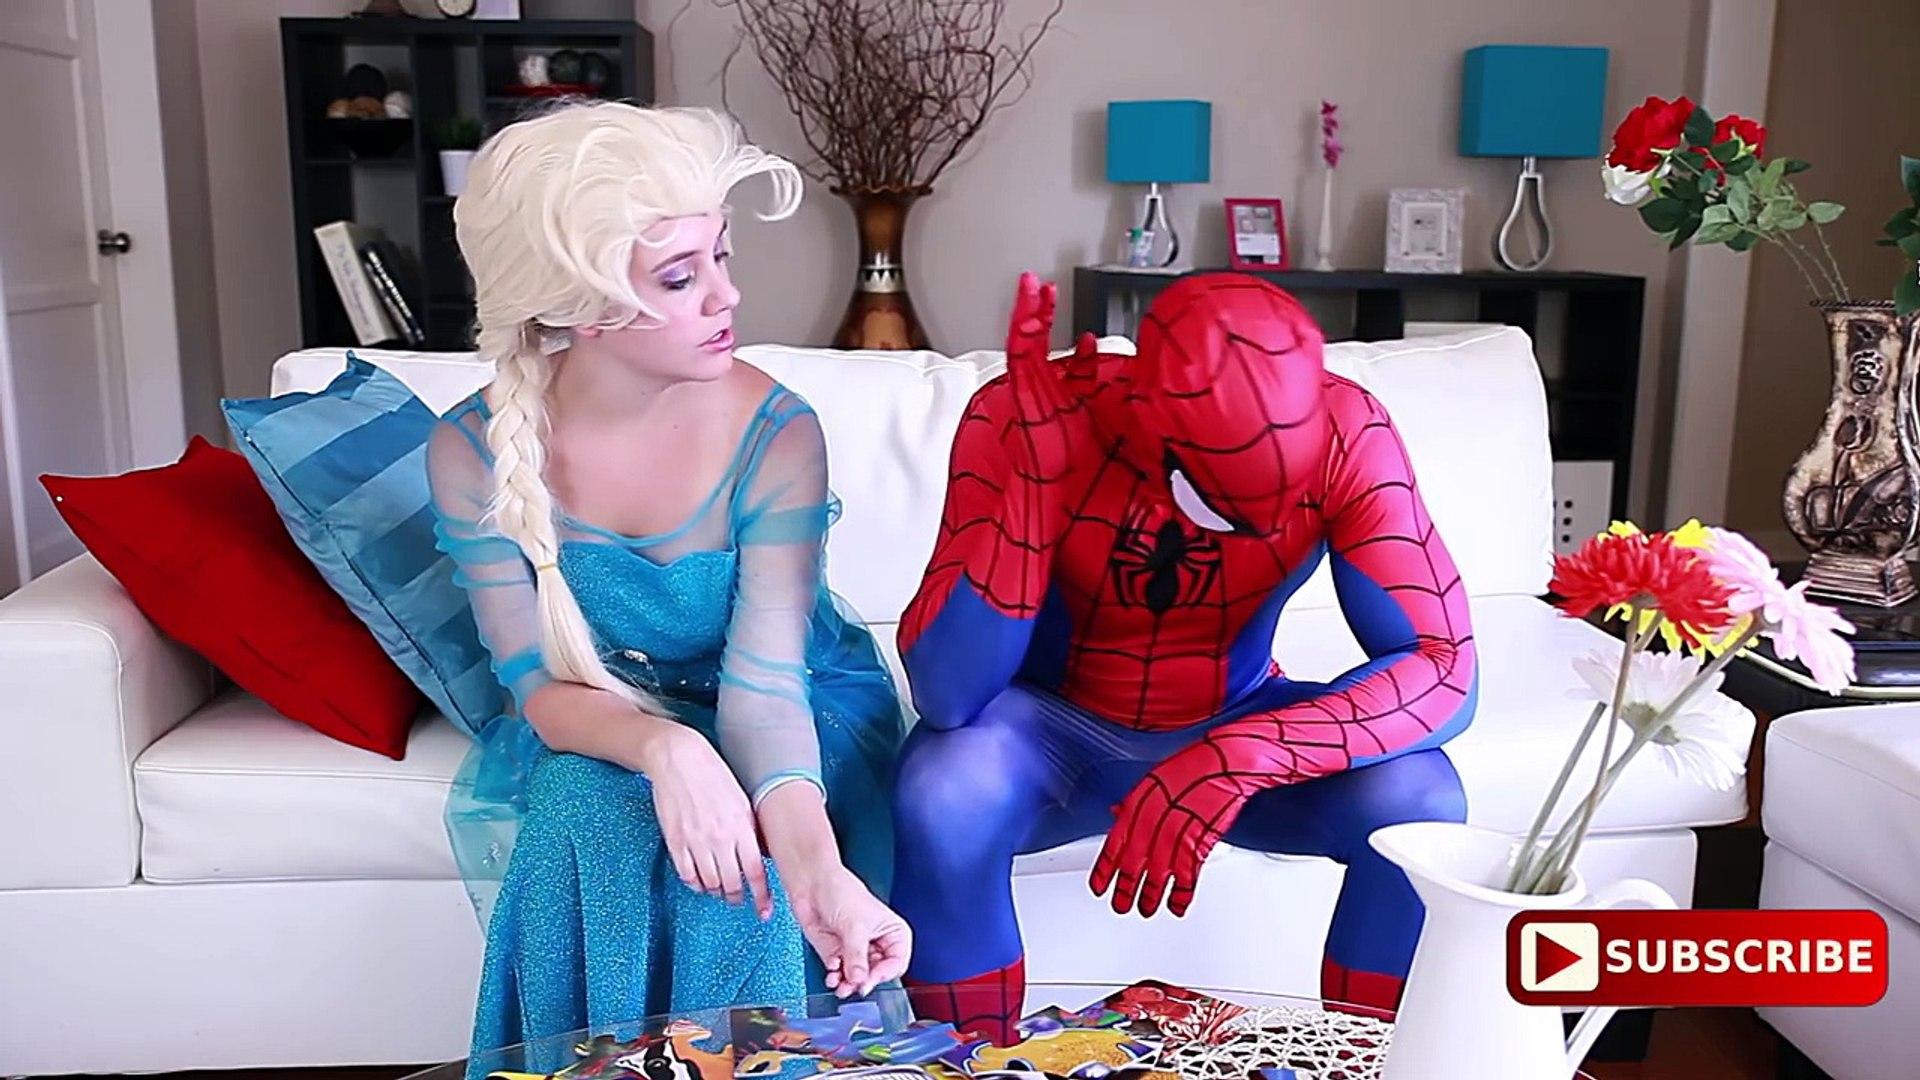 Spiderman Frozen Elsa TONGUE TWIST w/ UGLY Maleficent Joker Pink Spidergirl Anna! Green Spiderman